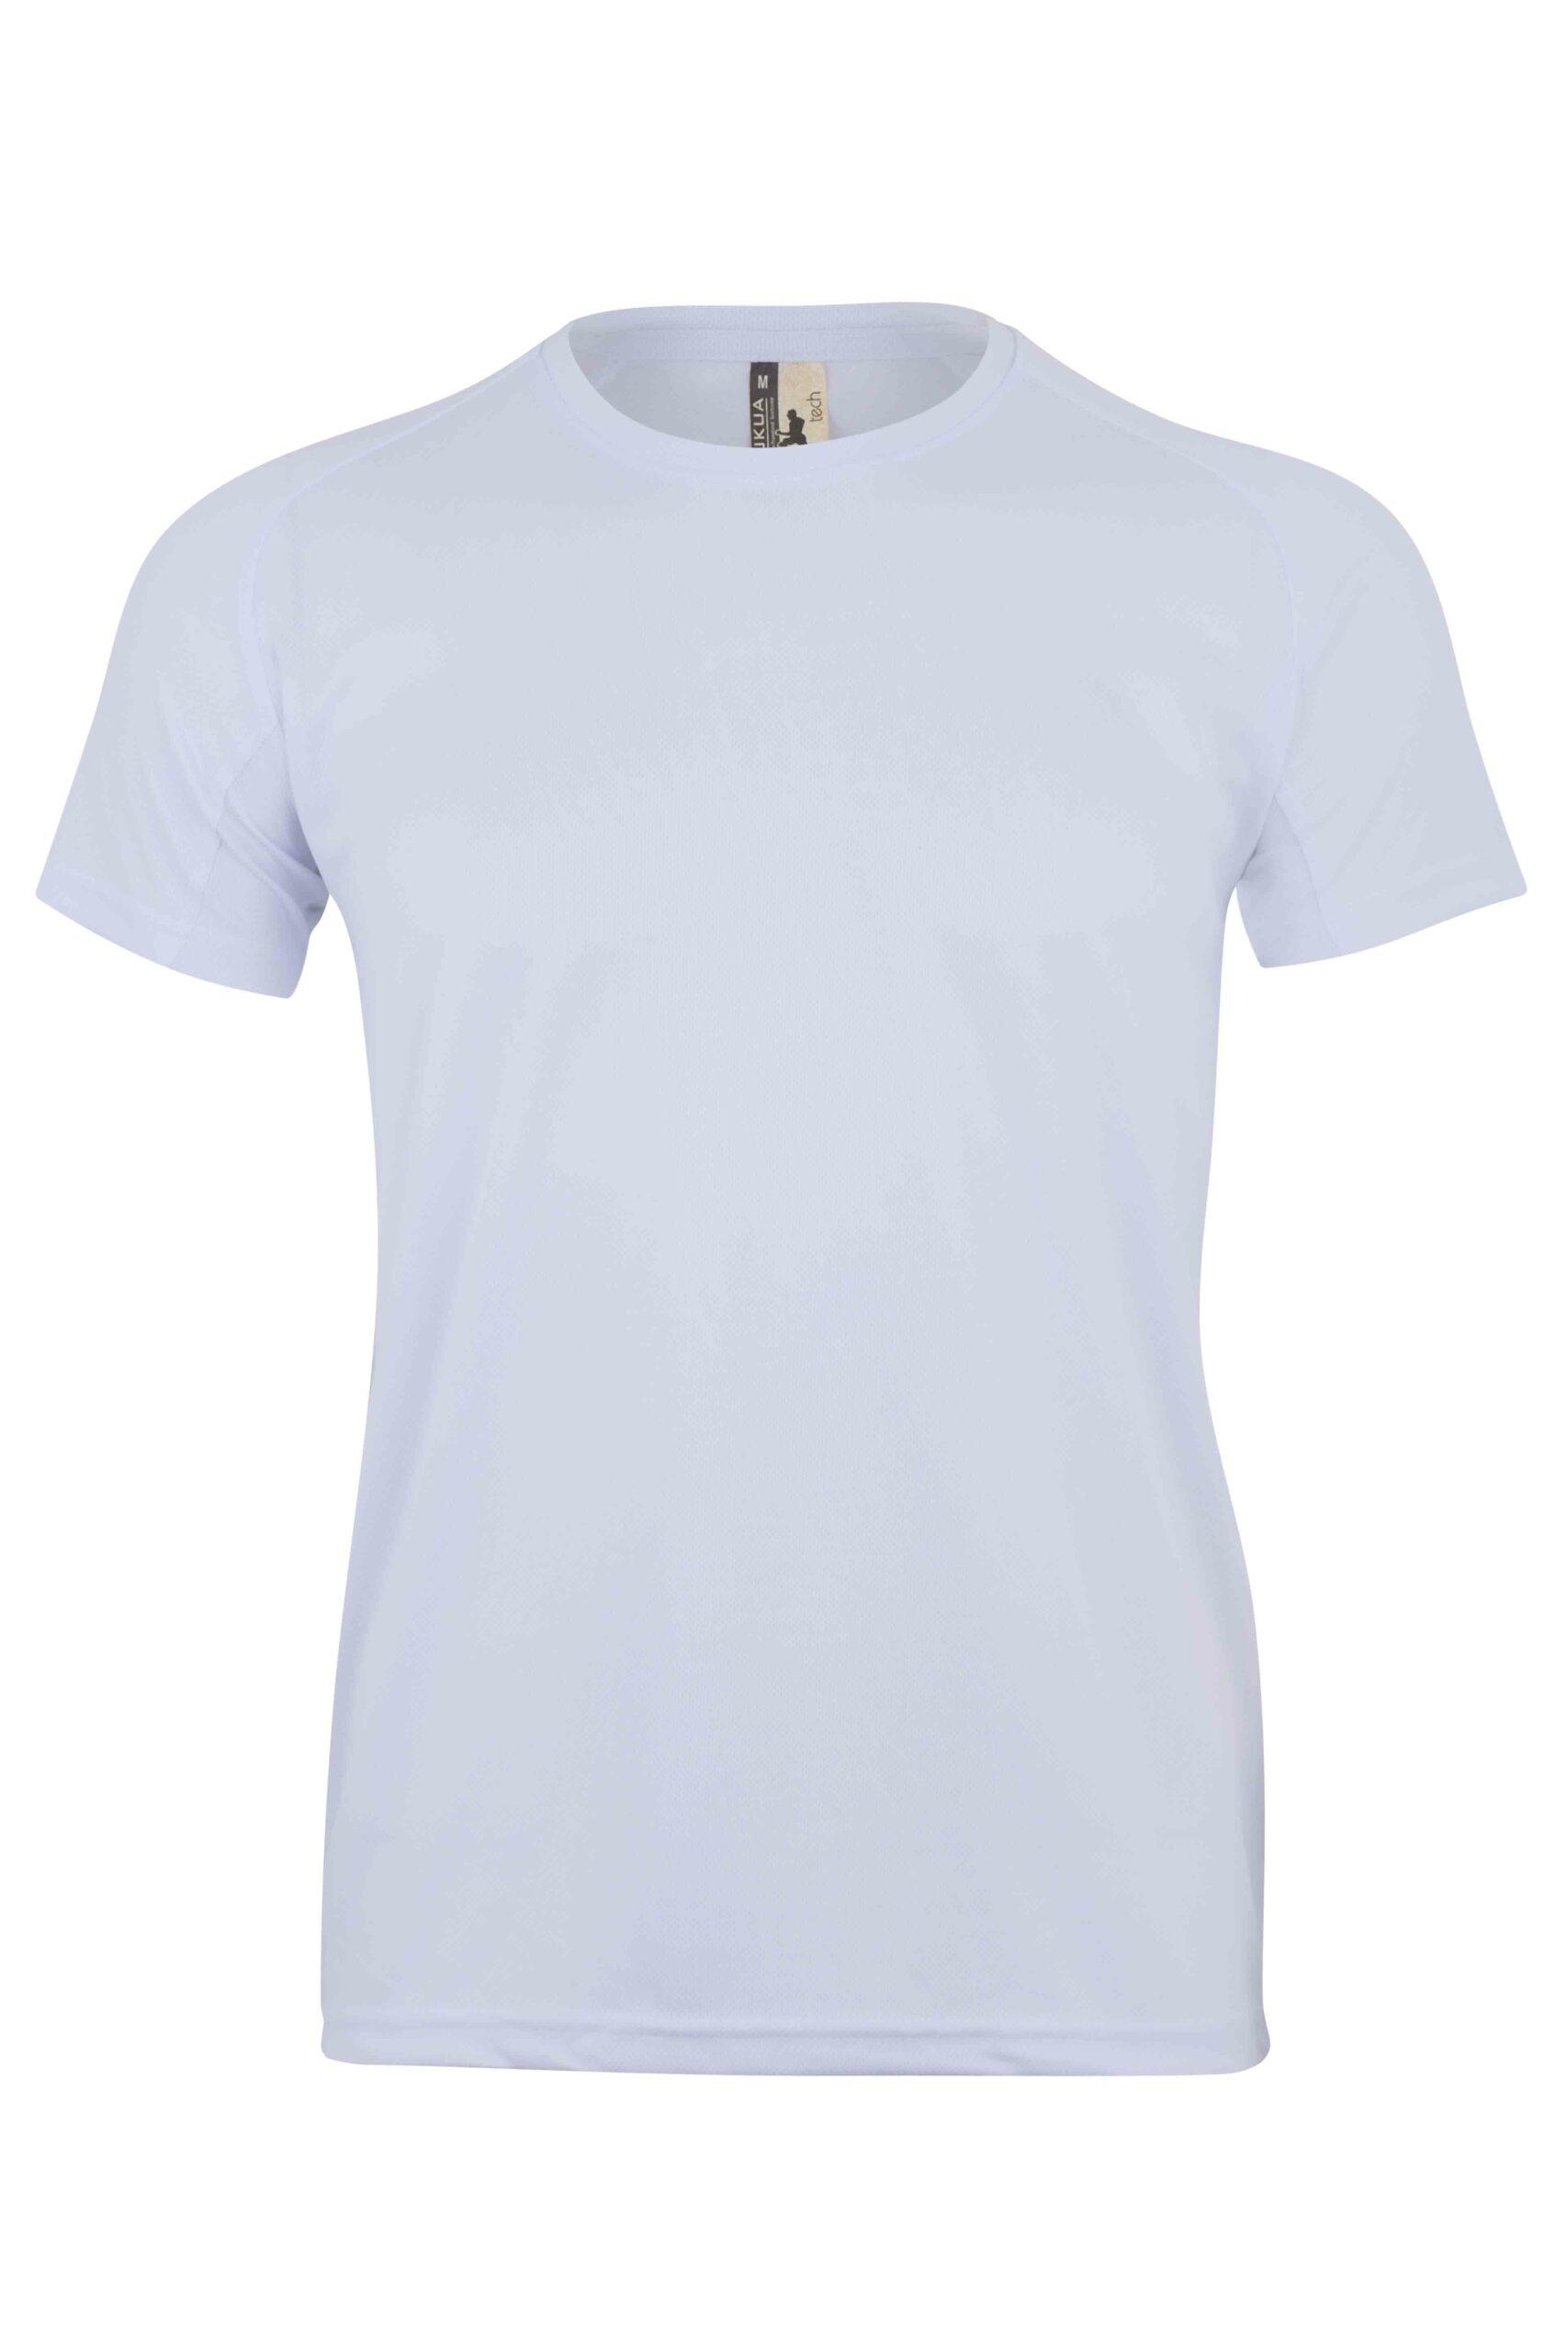 Mukua Mk520v Camiseta TÉcnica Manga Corta White